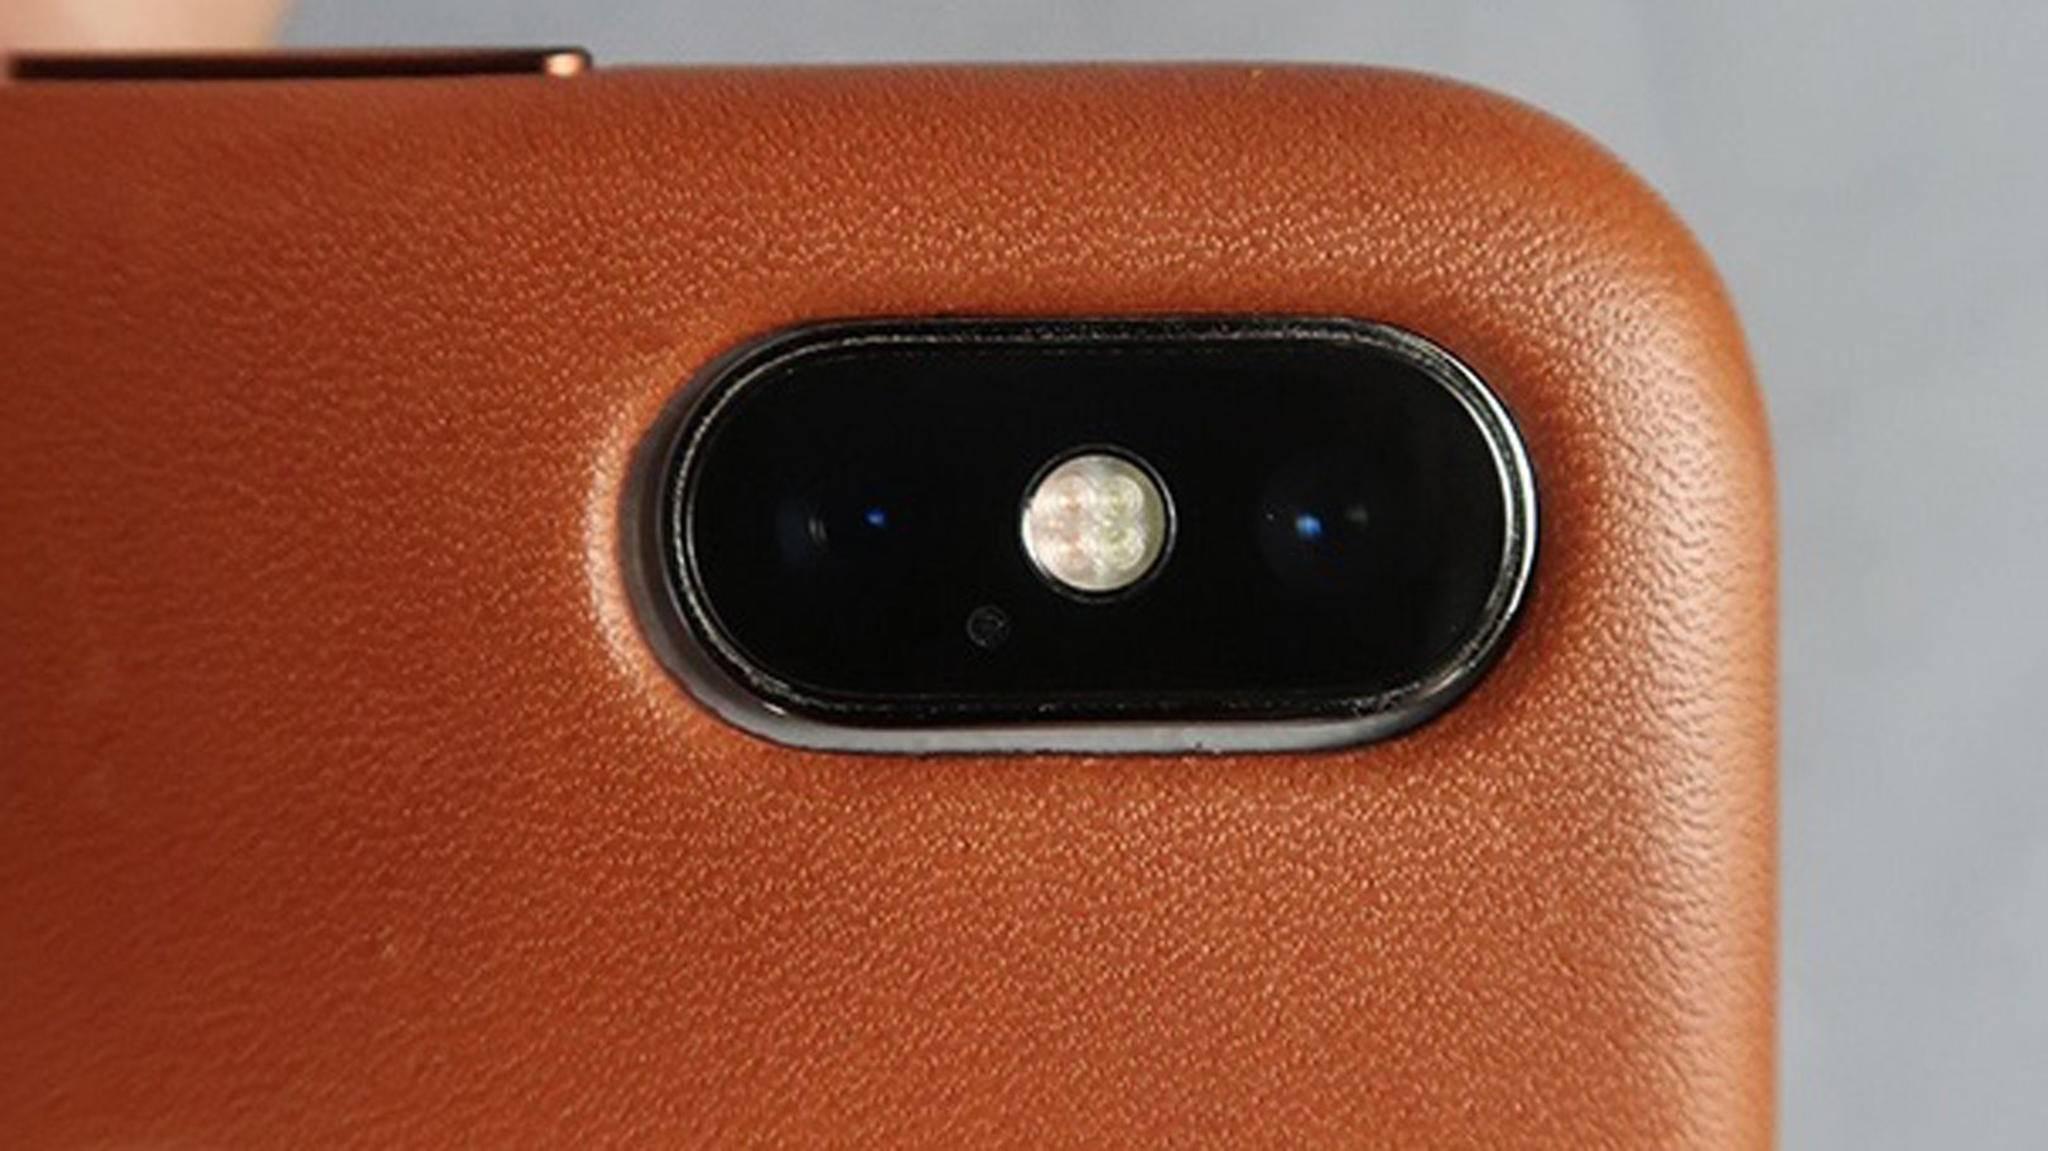 Die Kamera des iPhone X füllt die Aussparung eines iPhone-XS-Cases nicht vollständig aus.